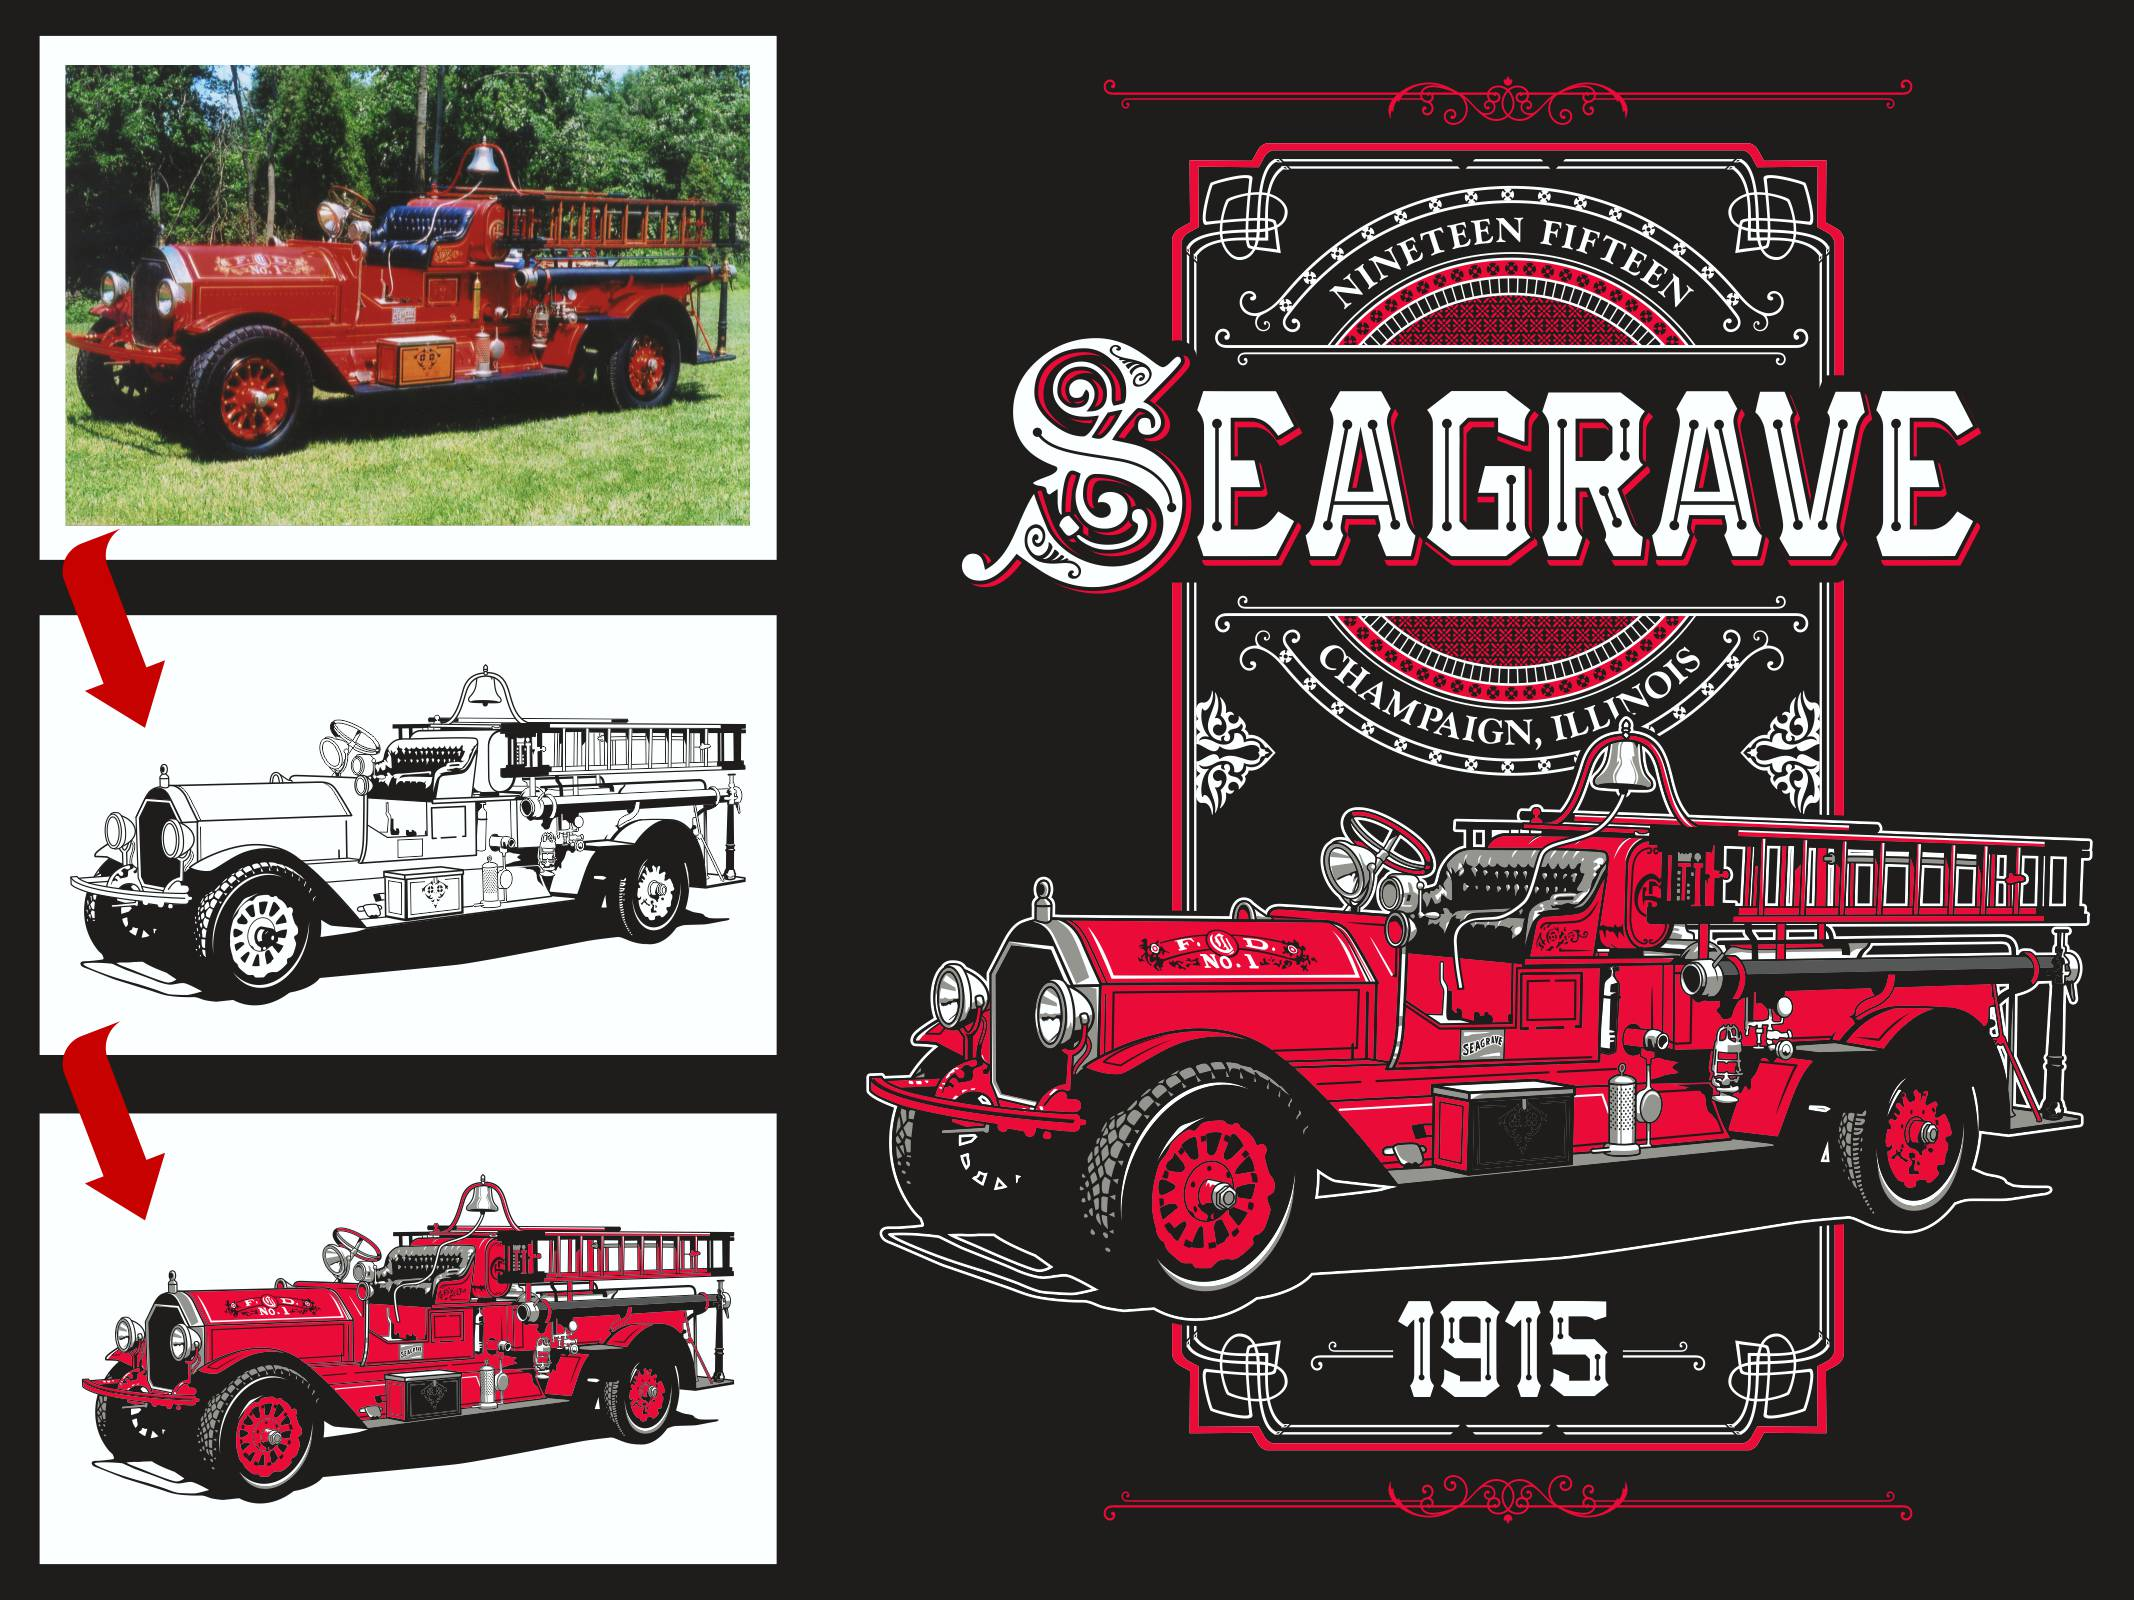 1915 Seagrave